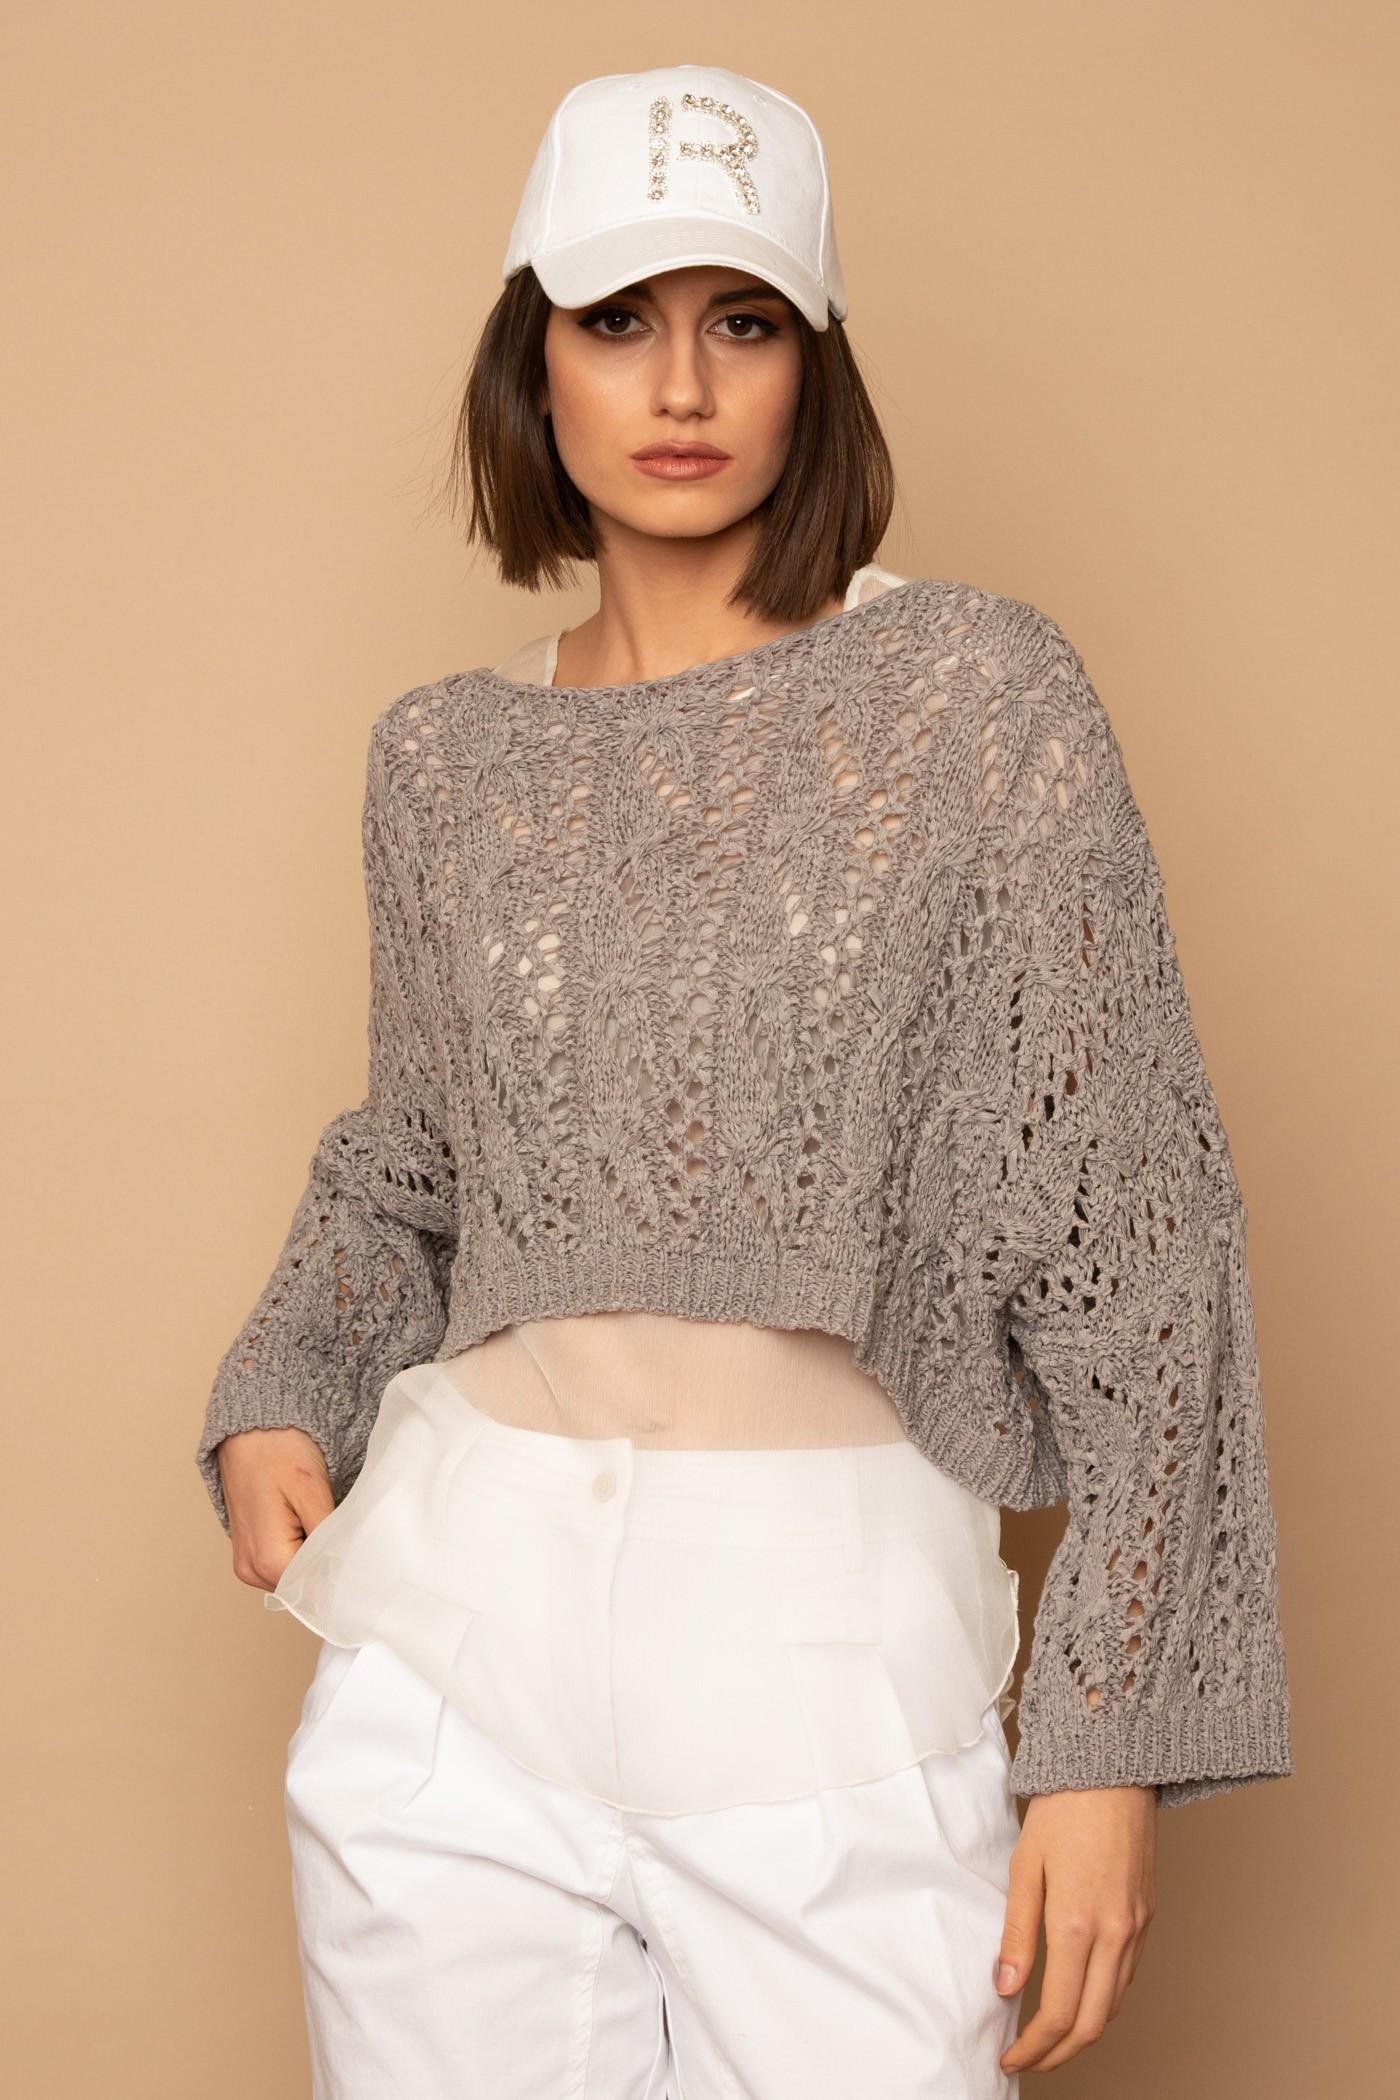 Πλεκτή μπλούζα fetuccia cropped oversized, γυναικεία